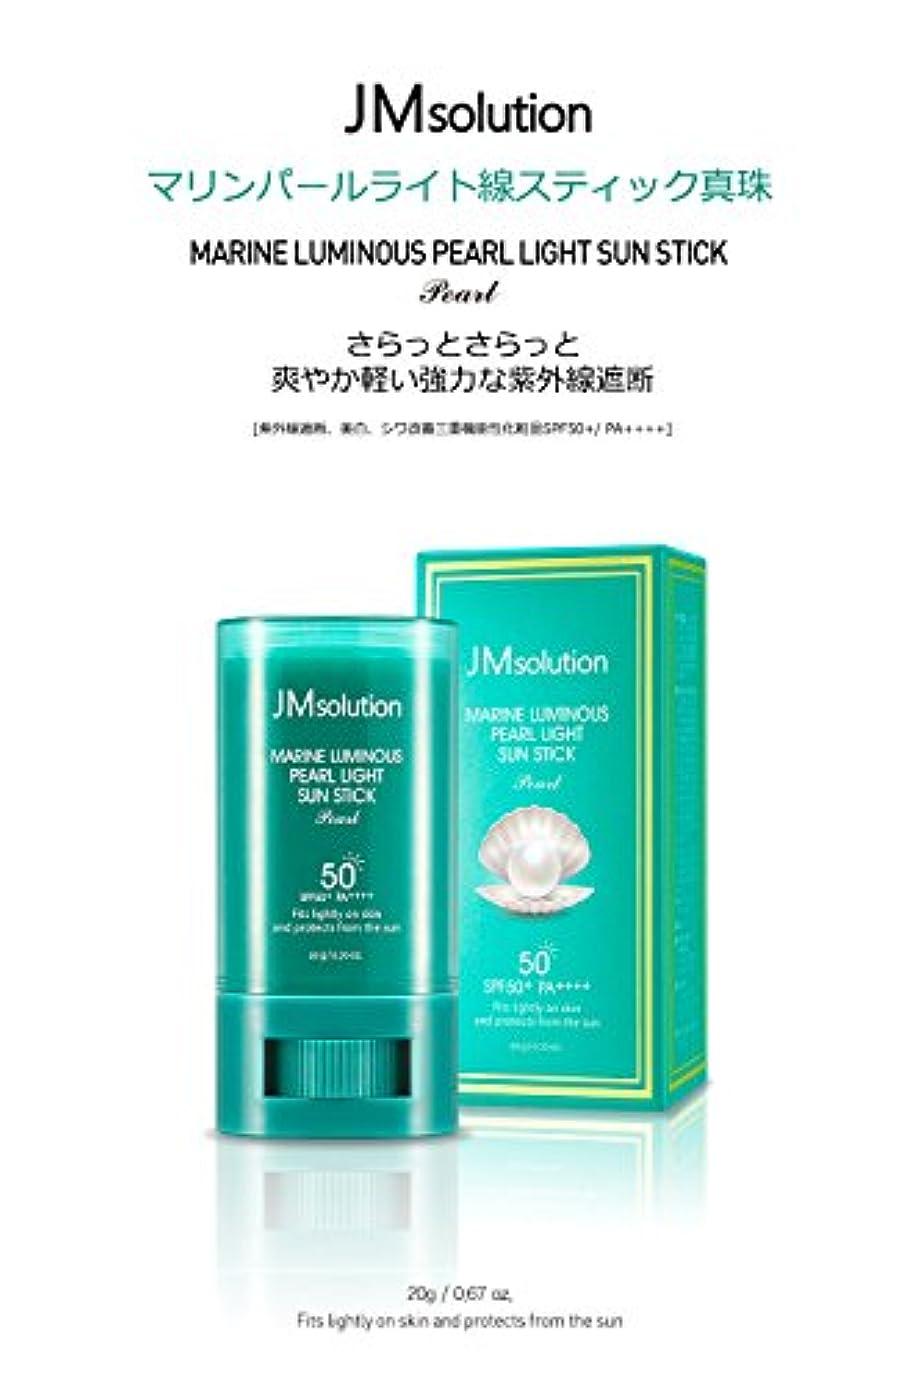 より彼ロードハウスJM Solution Marine Luminous Pearl Light Sun Stick 20g (spf50 PA)/マリンルミナスパールライトサンスティック20g